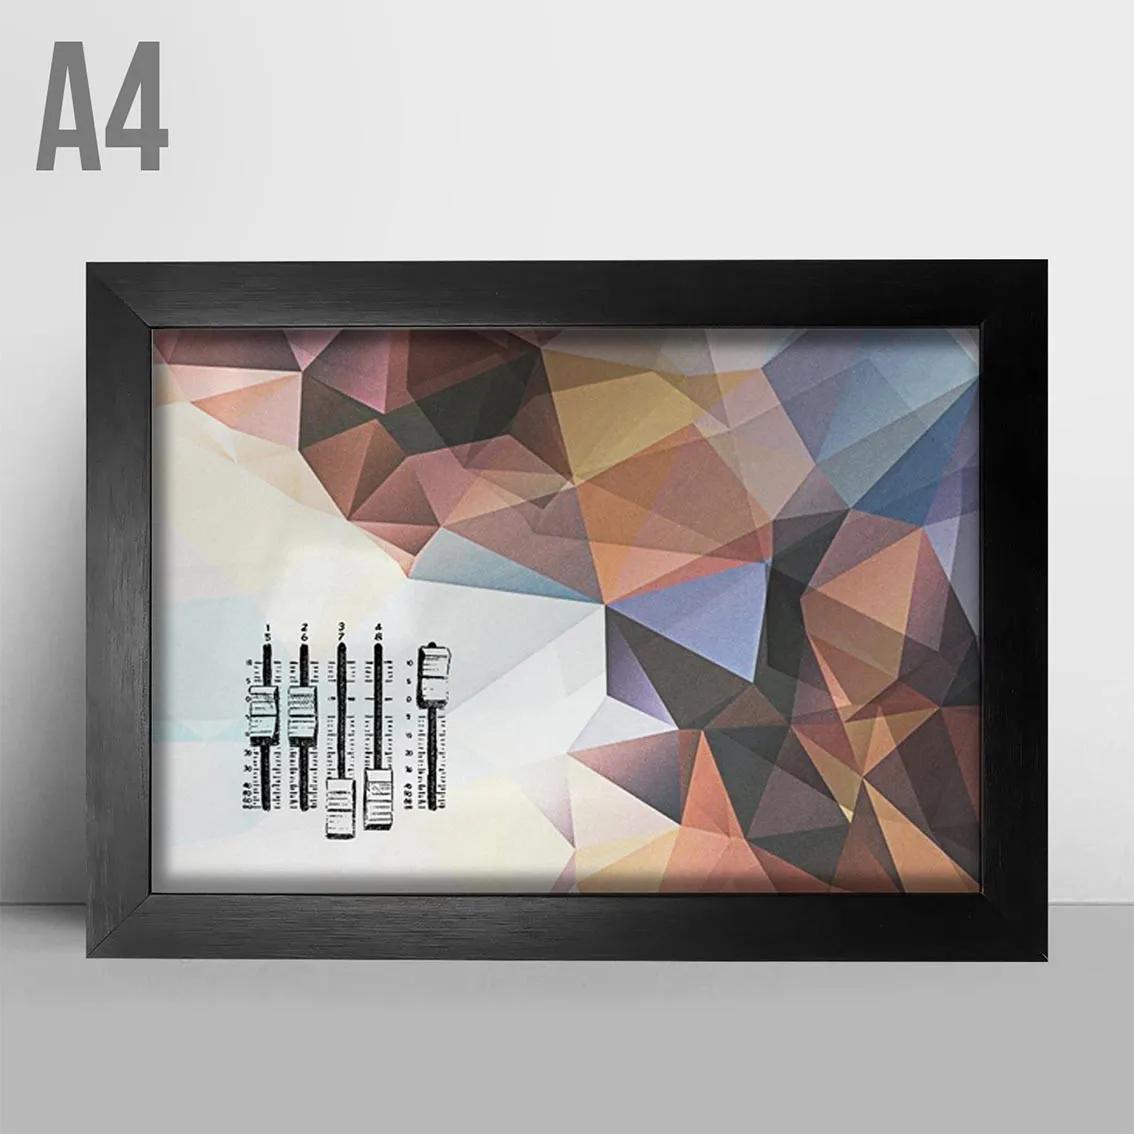 Quadro A4 - Equalize